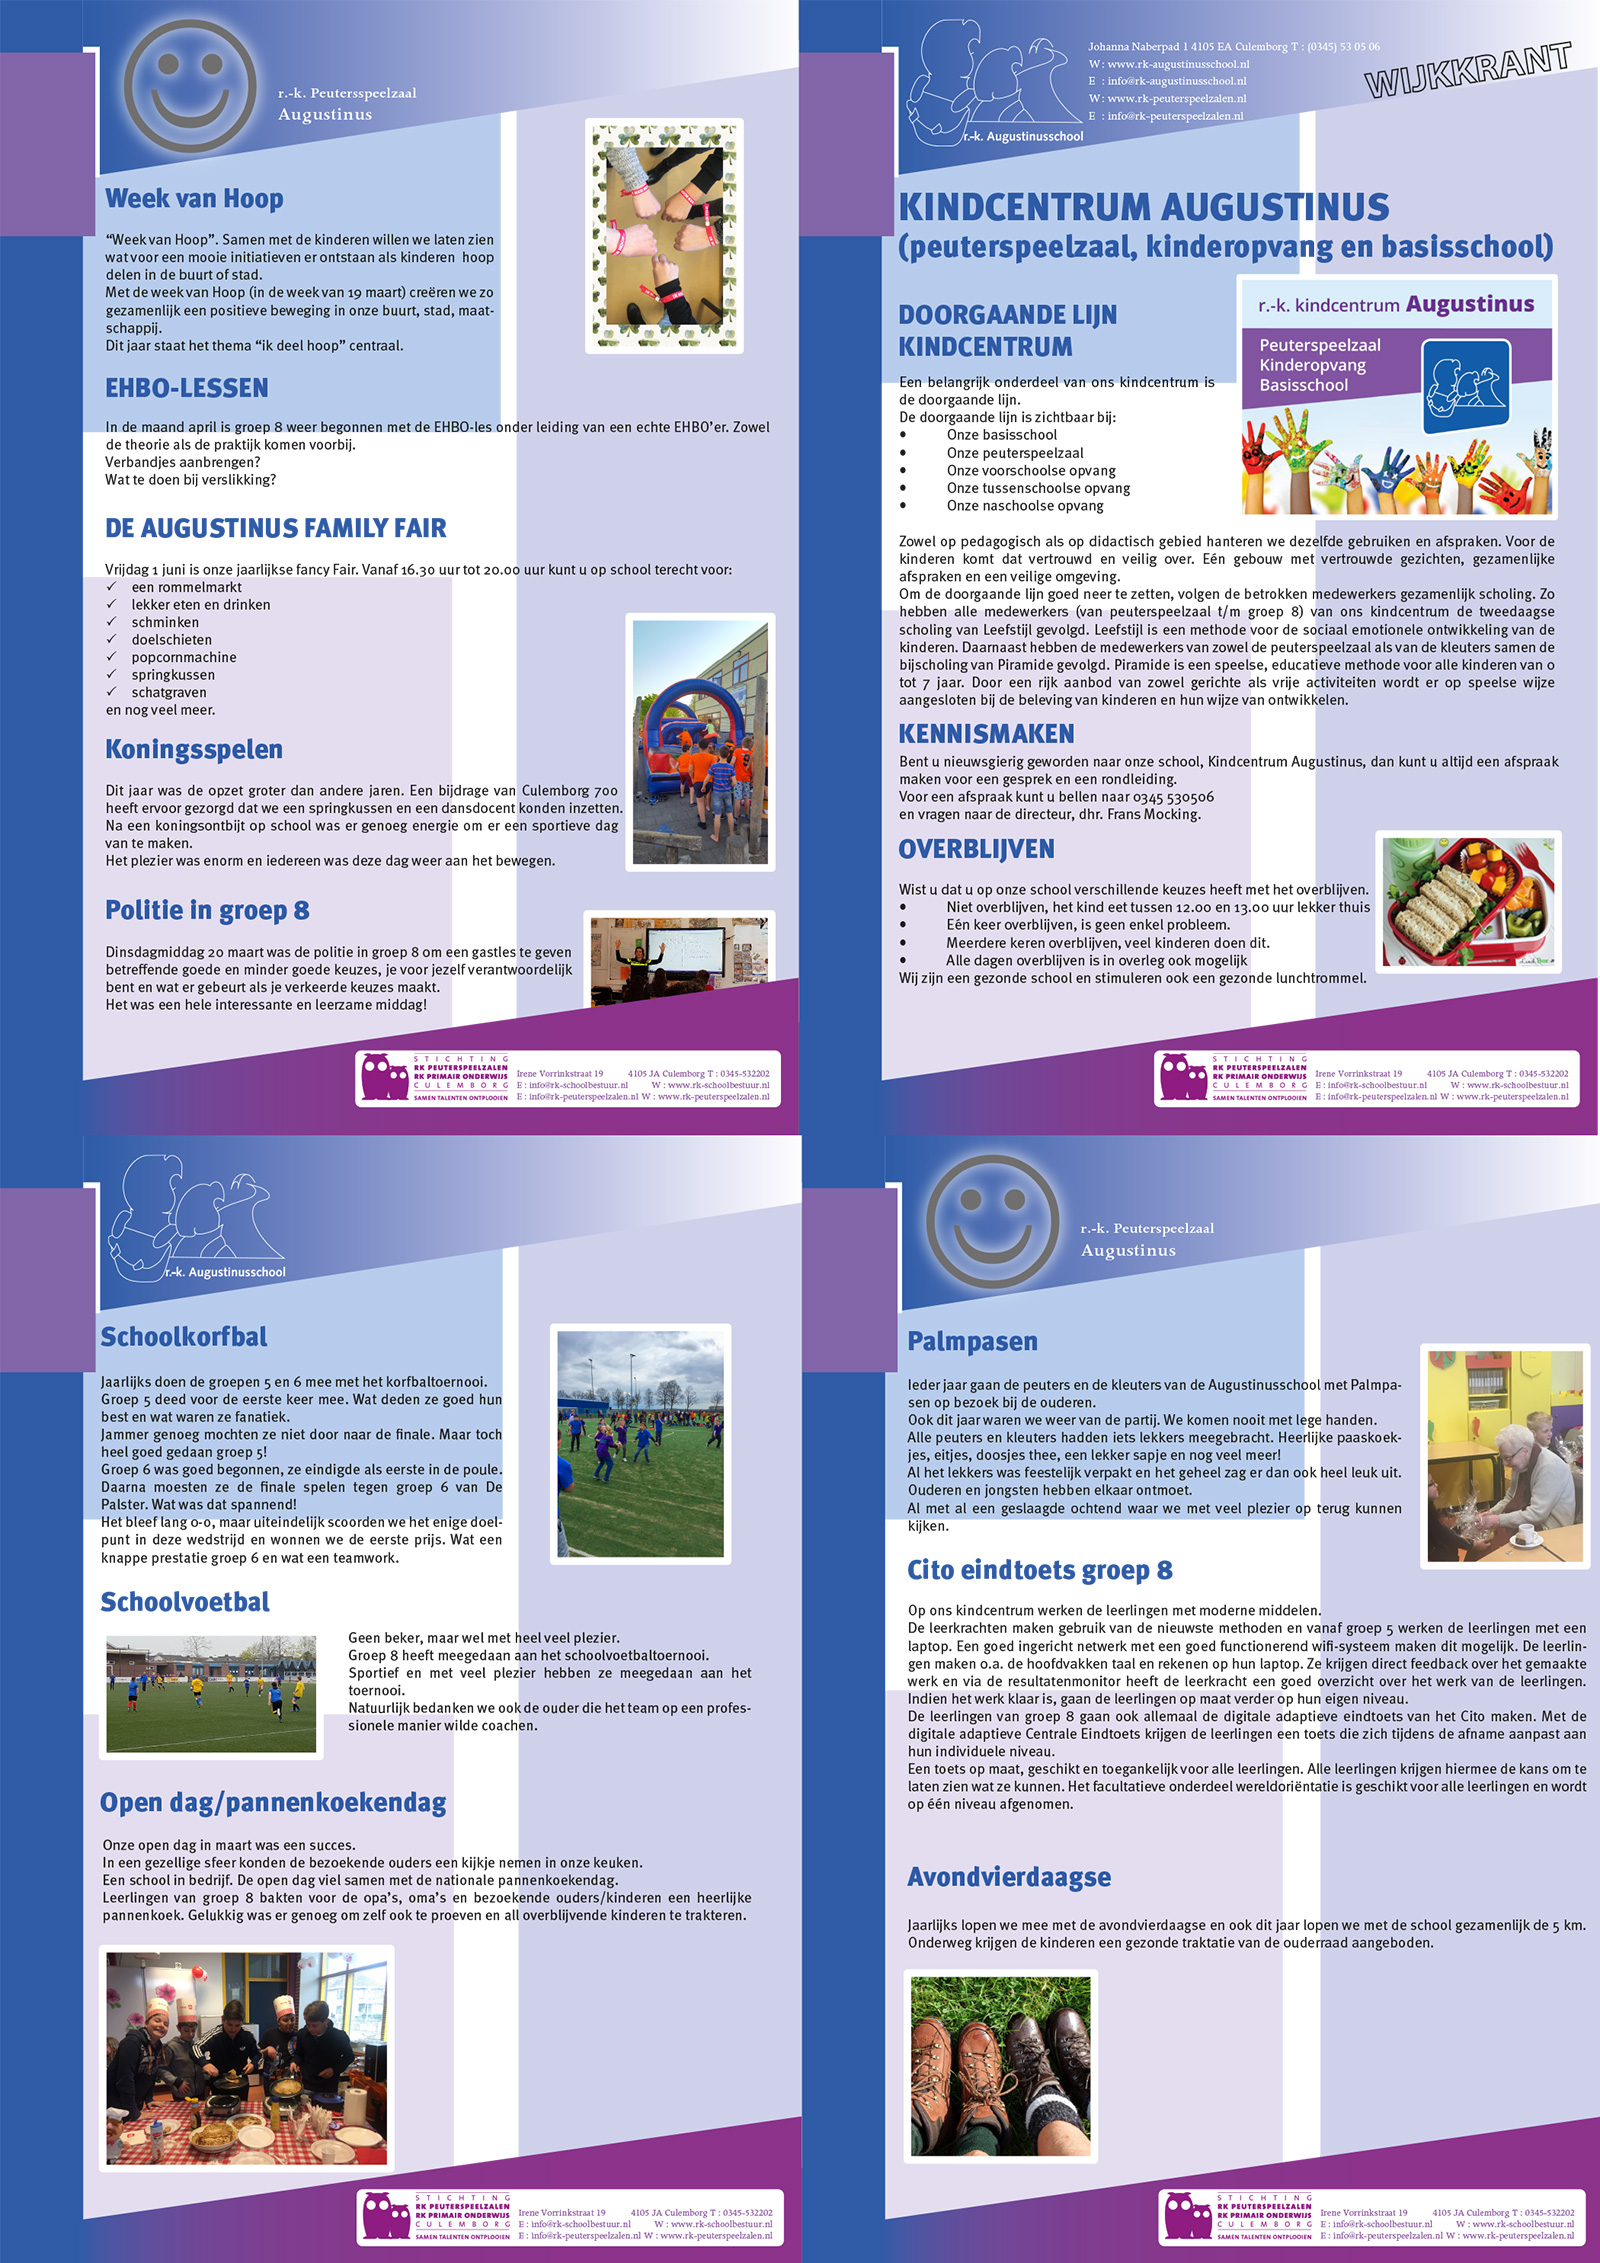 Wil je een brochure laten drukken of een brochure laten ontwerpen. Neem vrijblijvend contact met ons op voor een mooi ontwerp en een mooi stuk papier!